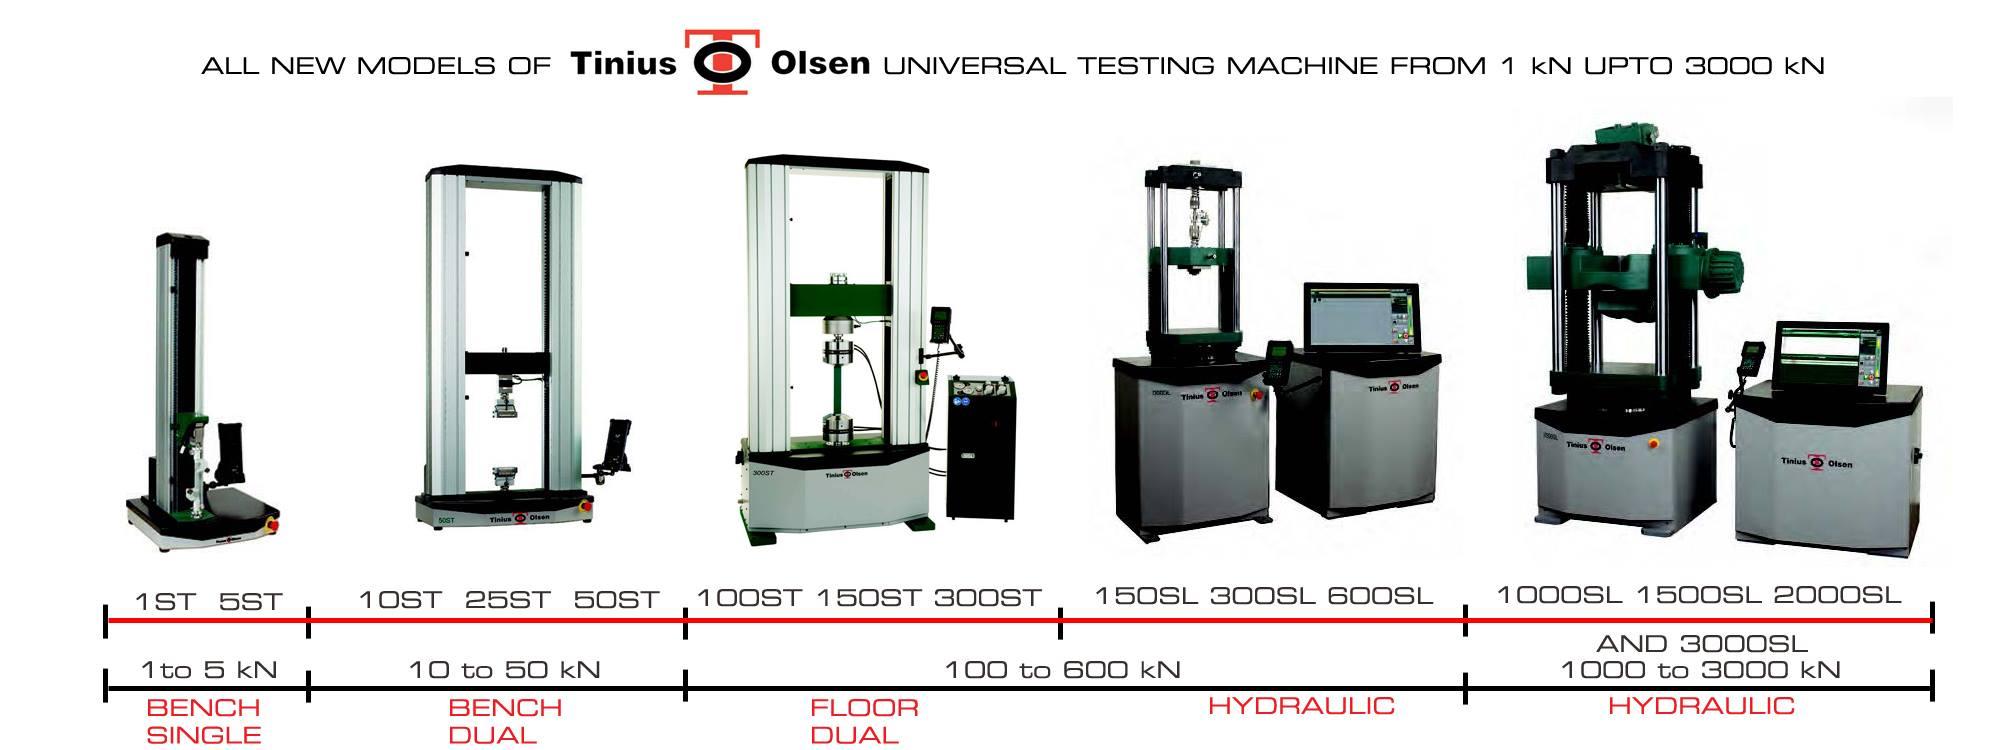 Tinius Olsen UTM Product Range